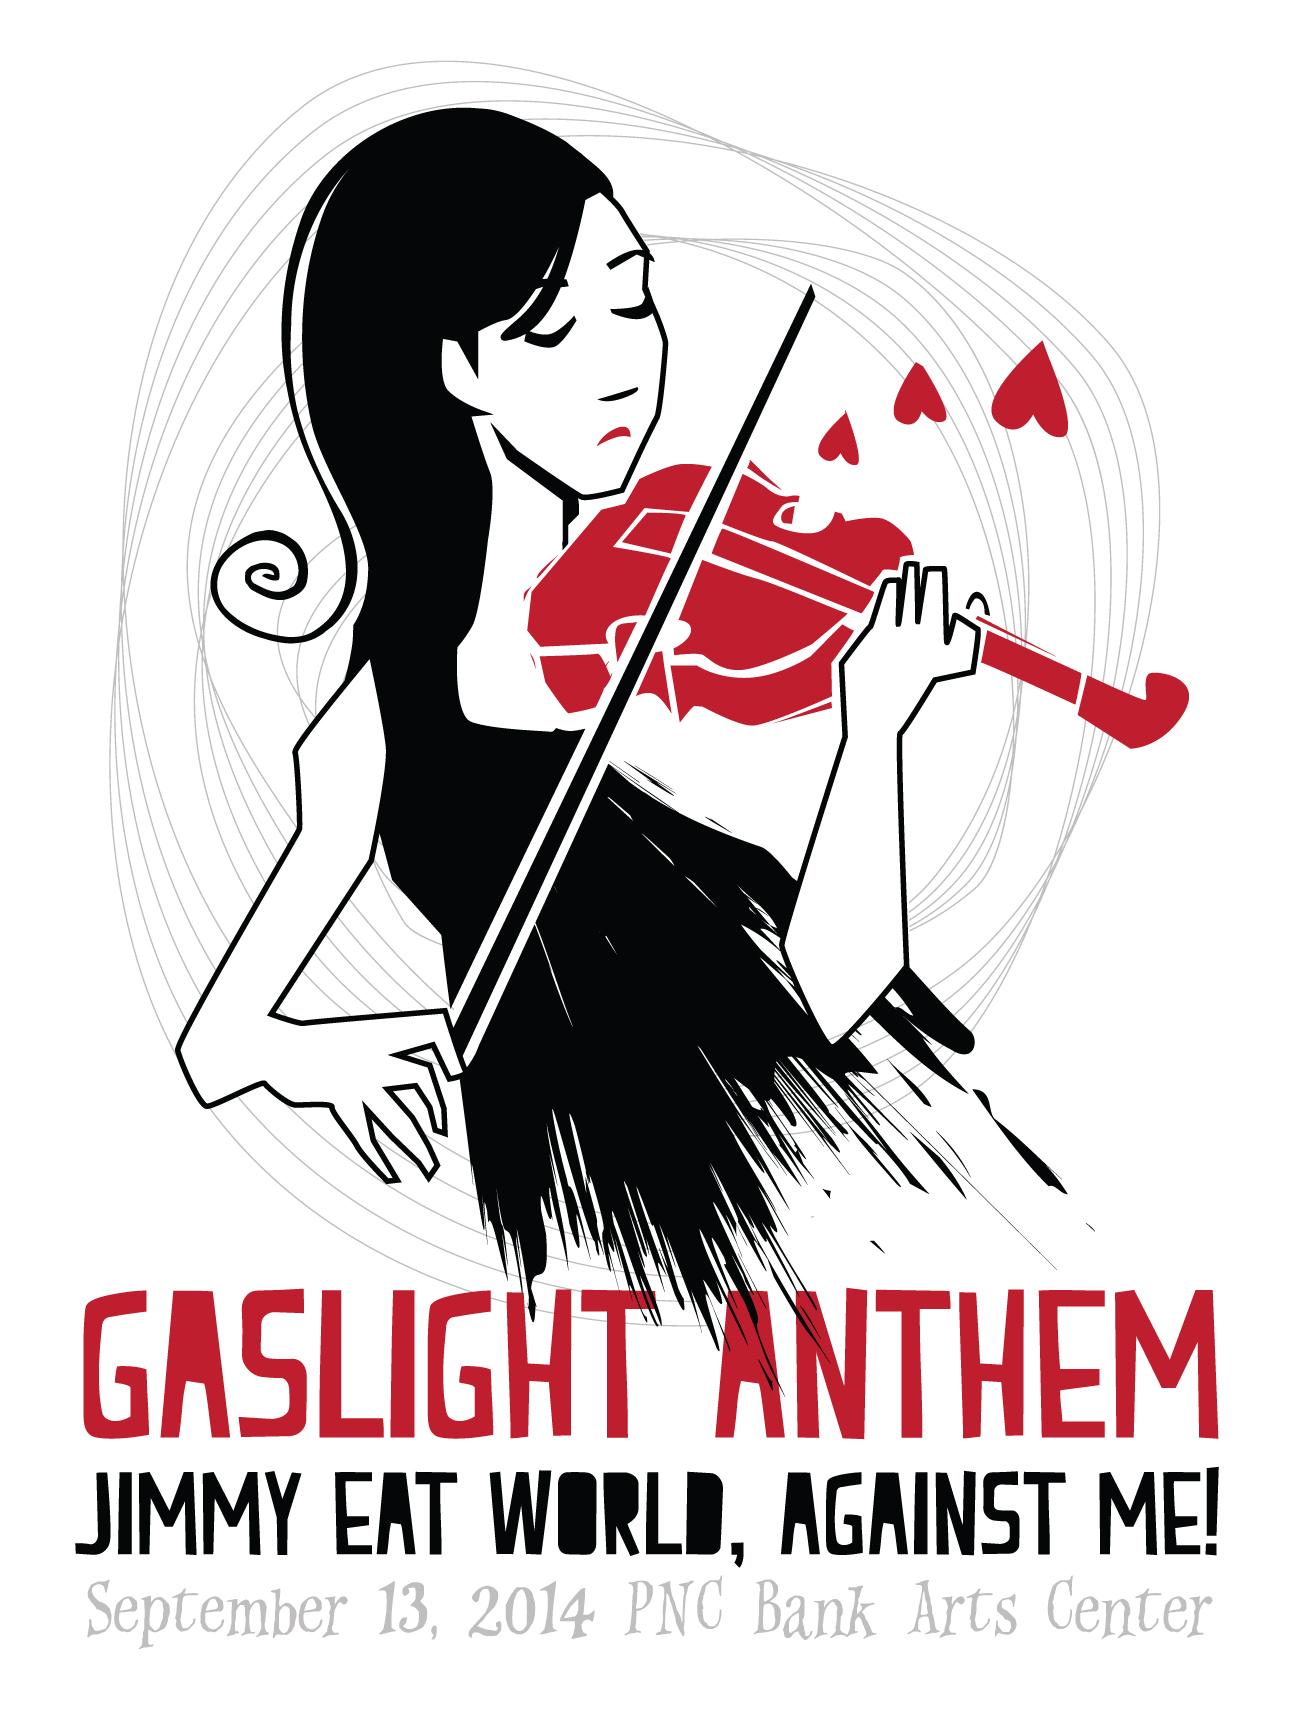 gaslight9-13-14.jpg